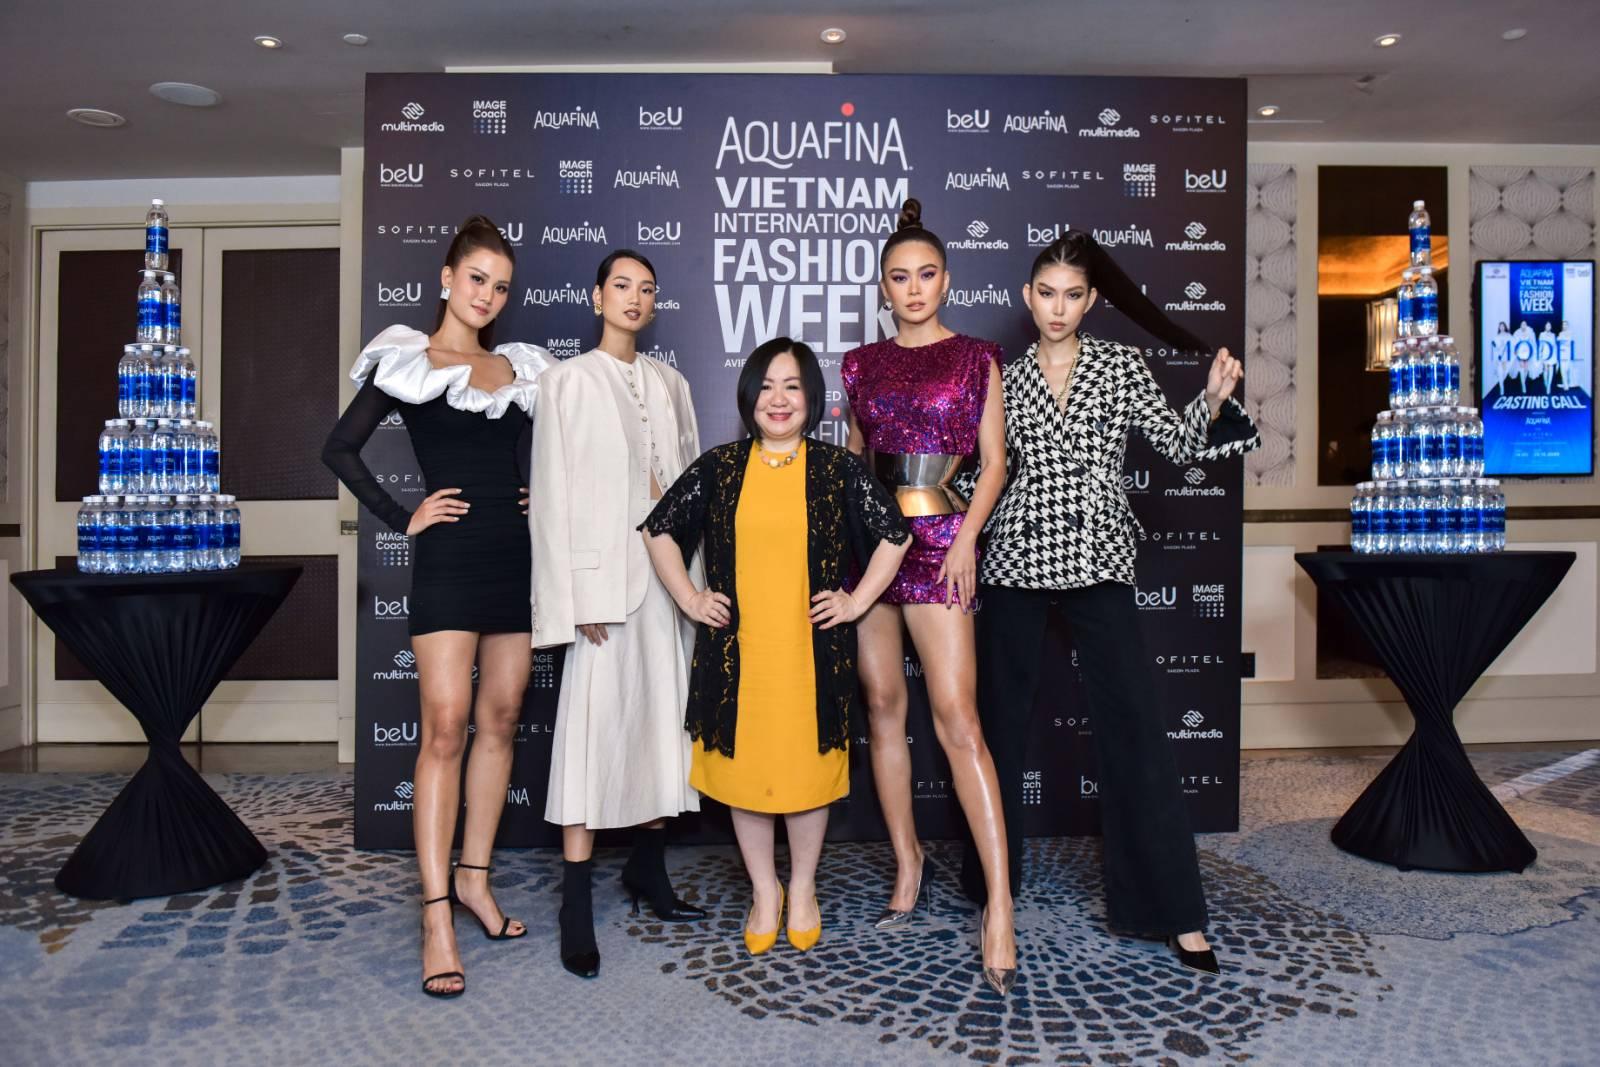 Đôi chân của Mâu Thủy chiếm chọn spotlight, lấn át cả quán quân Next Top Hương Ly tại buổi casting Tuần lễ thời trang Việt Nam 2020 - Ảnh 6.